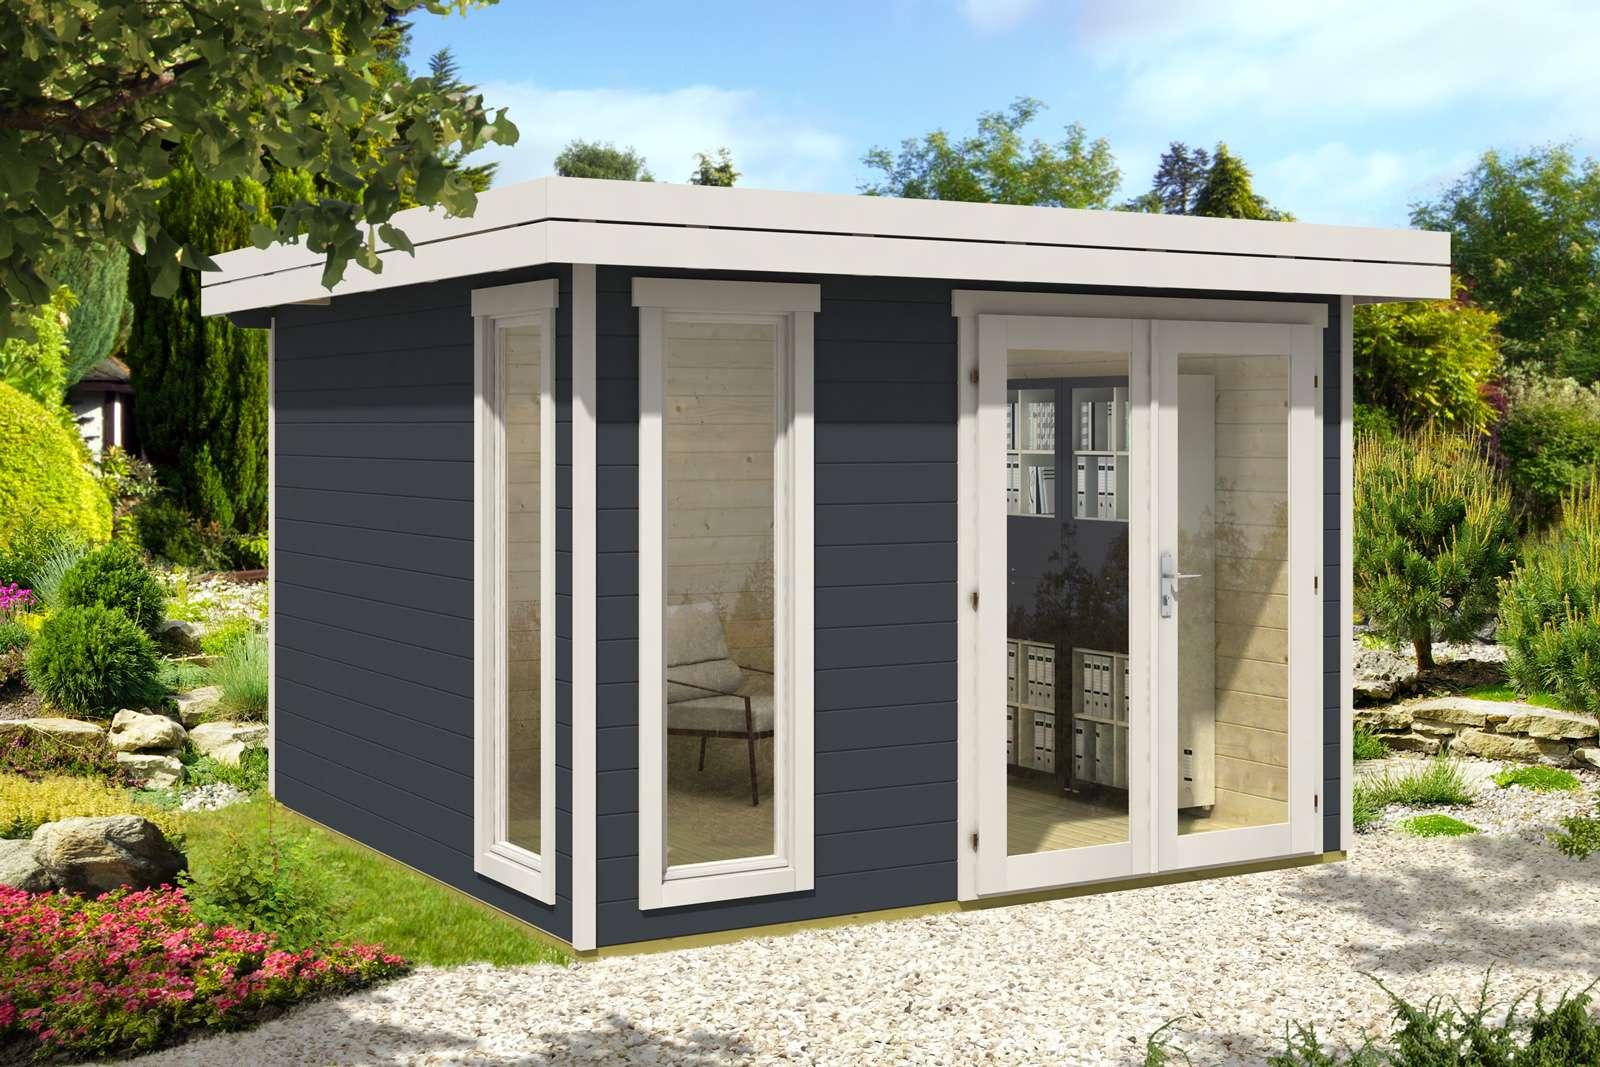 gartenhaus modern in grau-weiß mit gabionen - aufbaustory